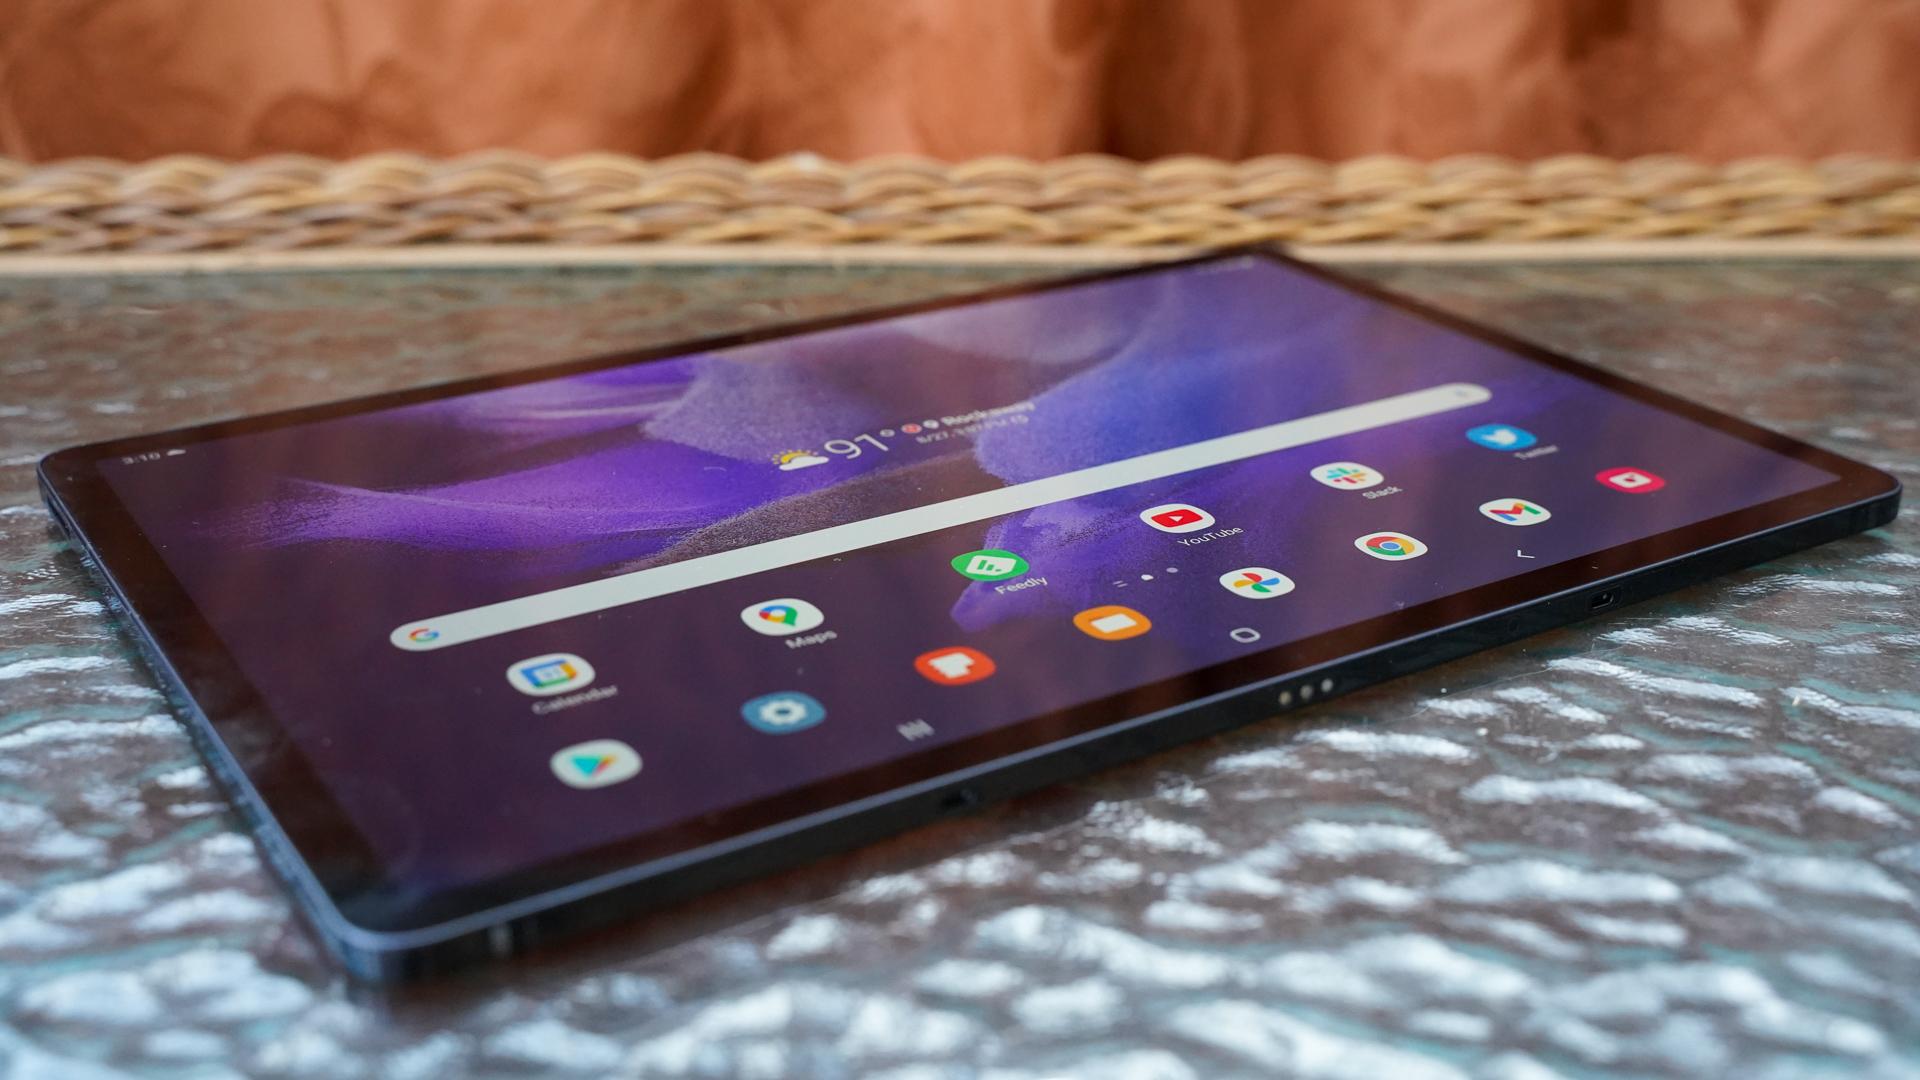 Samsung Galaxy Tab S7 FE laying at an angle